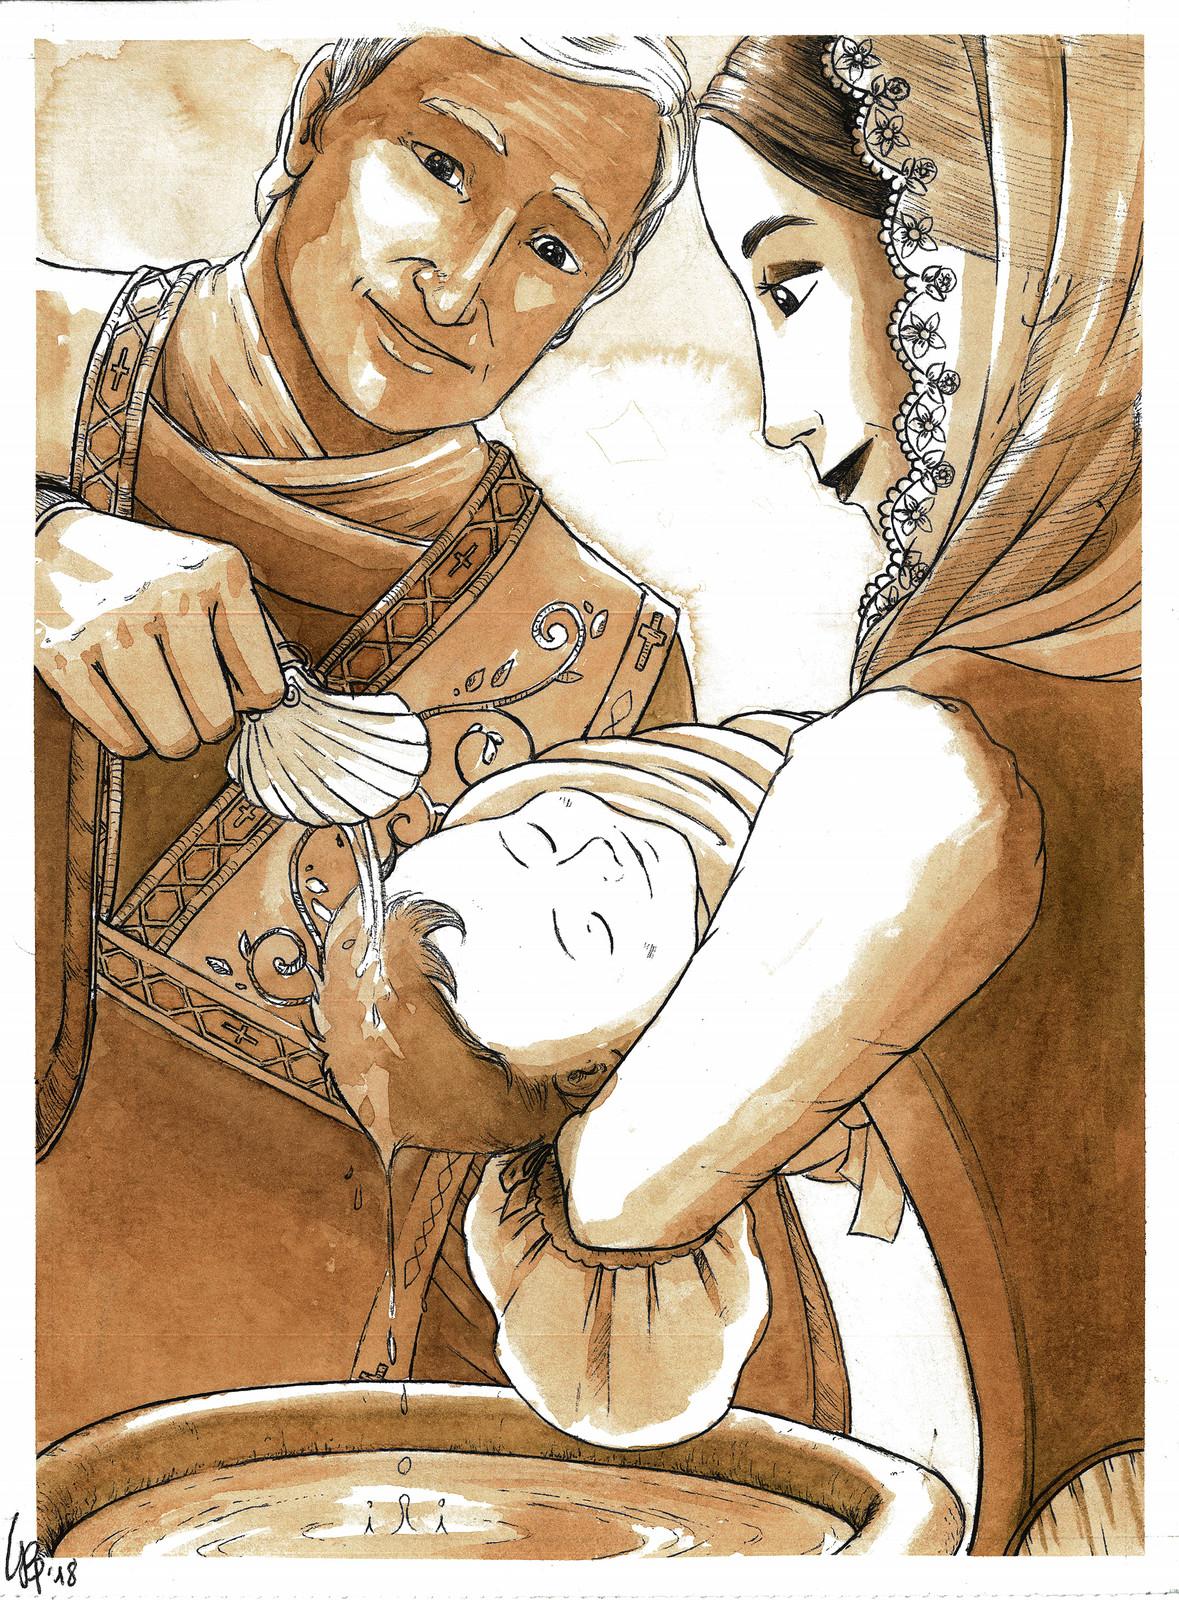 Il 26 Ottobre 1782, Niccolò Paganini viene battezzato nella chiesa di San Salvatore in Sarzano.